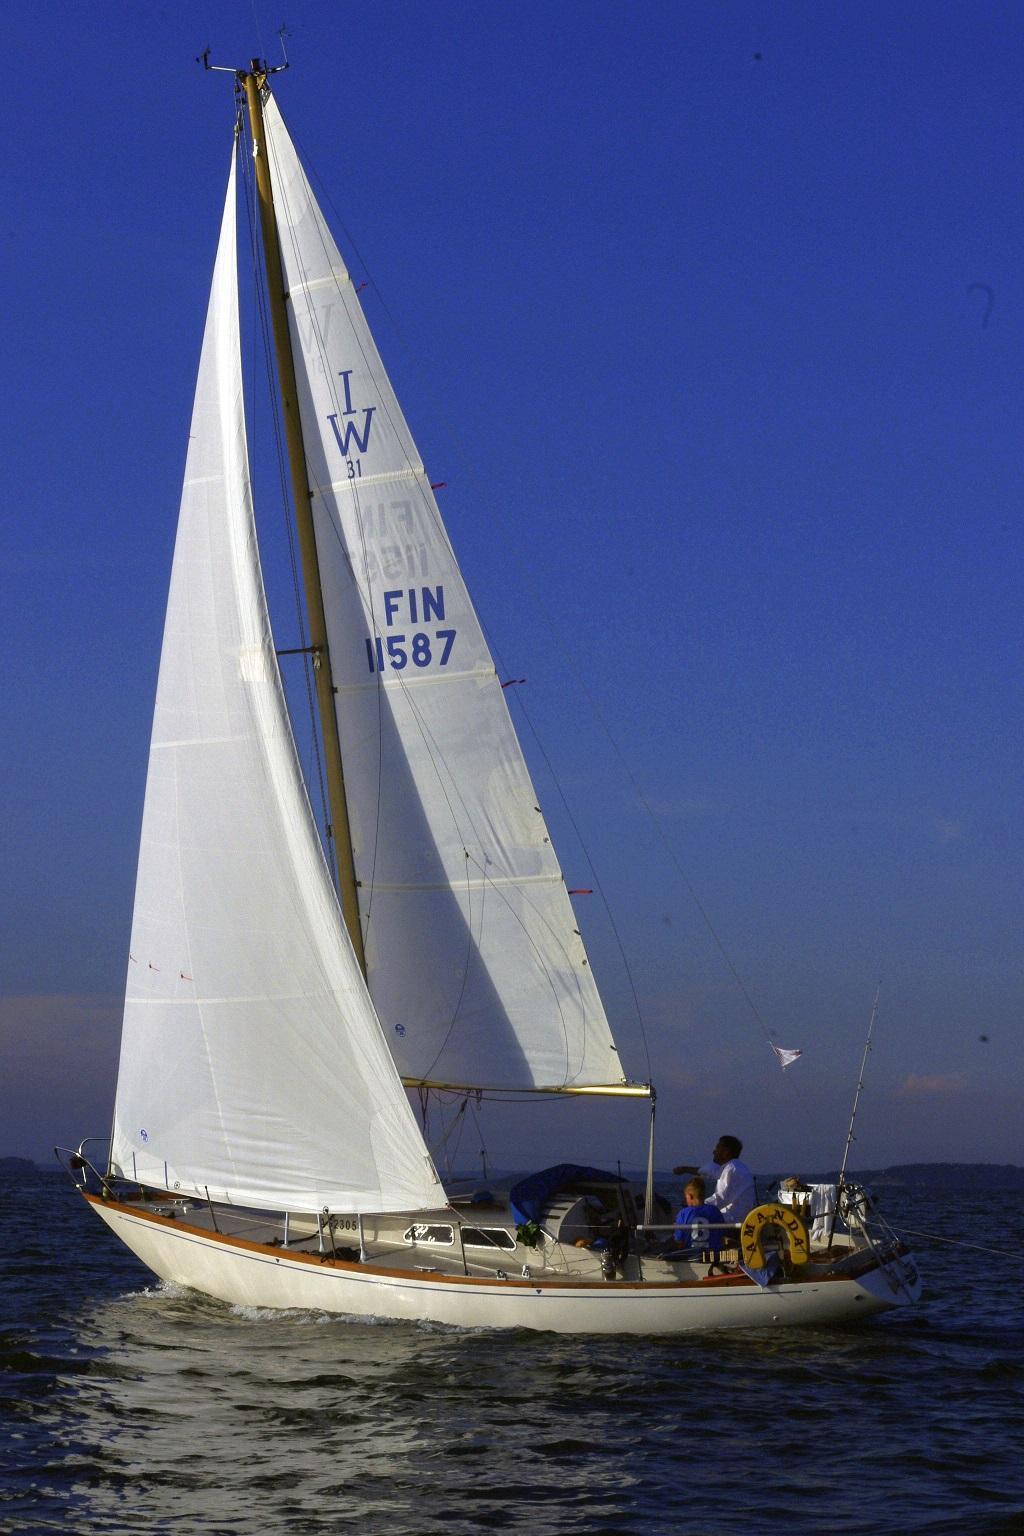 IW 31 Amanda FIN 11587